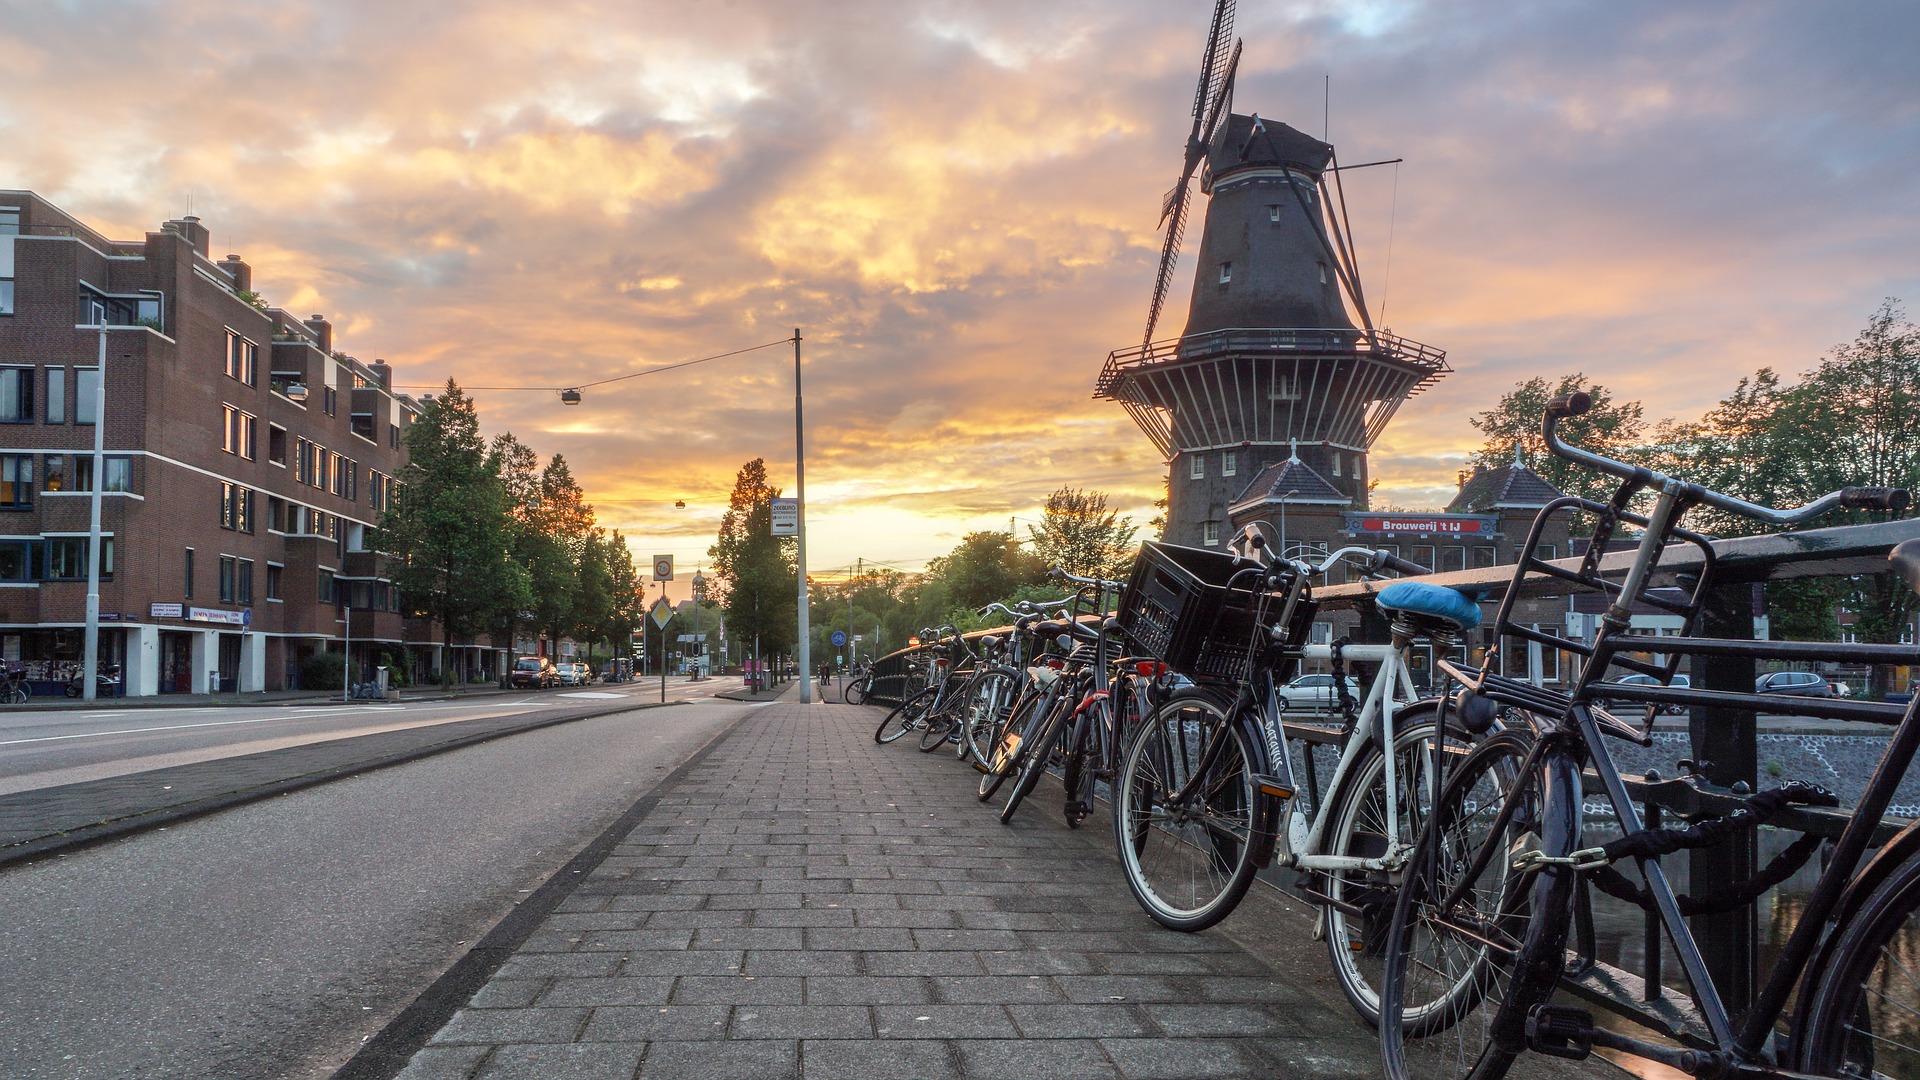 Conseils de voyage à Amsterdam : Les meilleurs conseils d'initiés